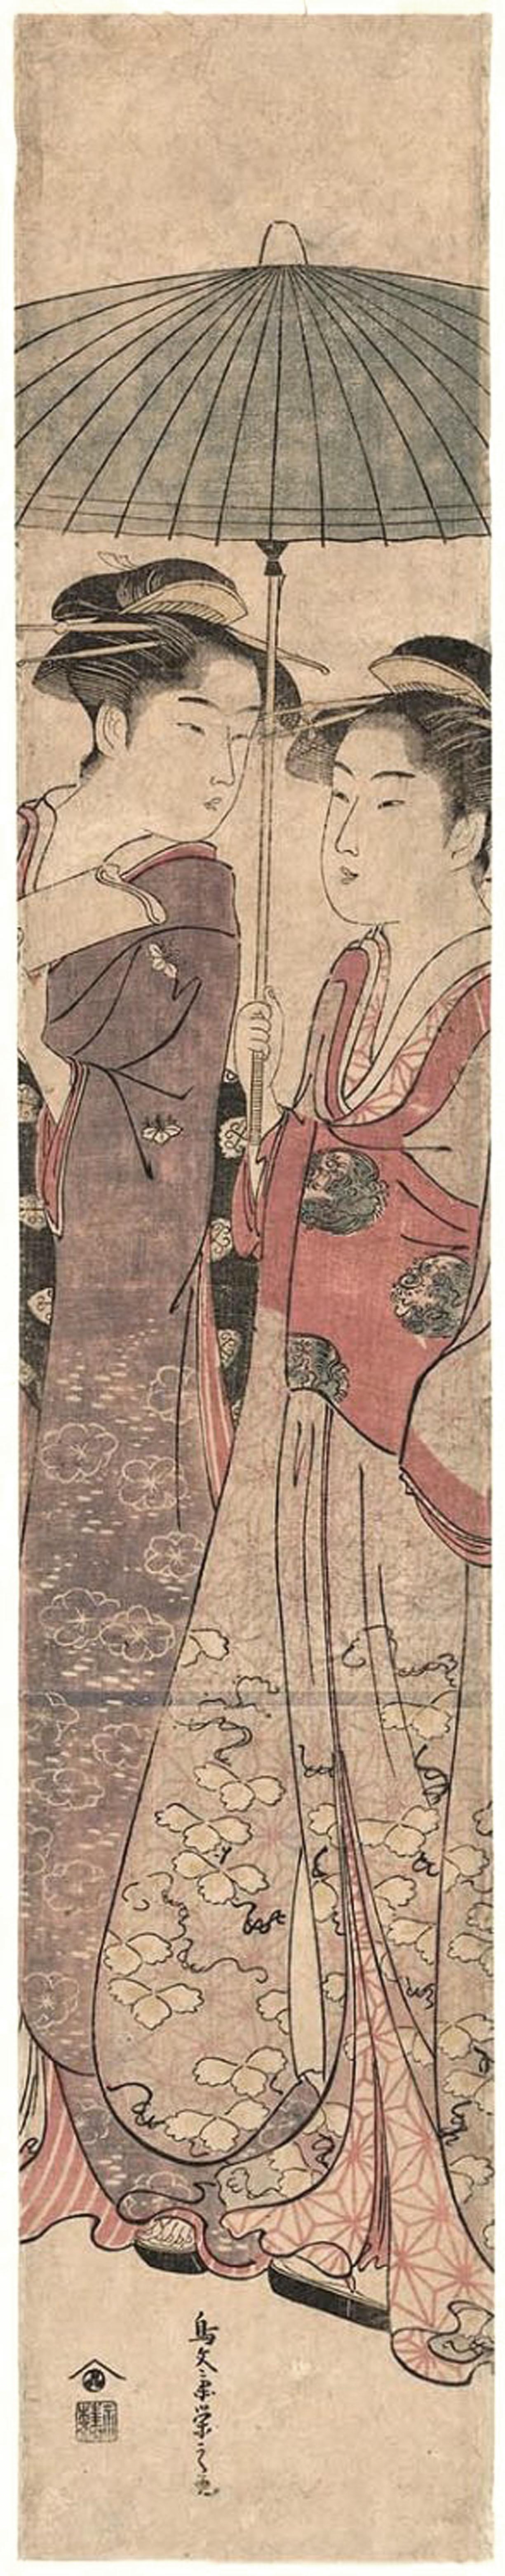 Eishi Hosoda / Zwei Frauen unter Schirm